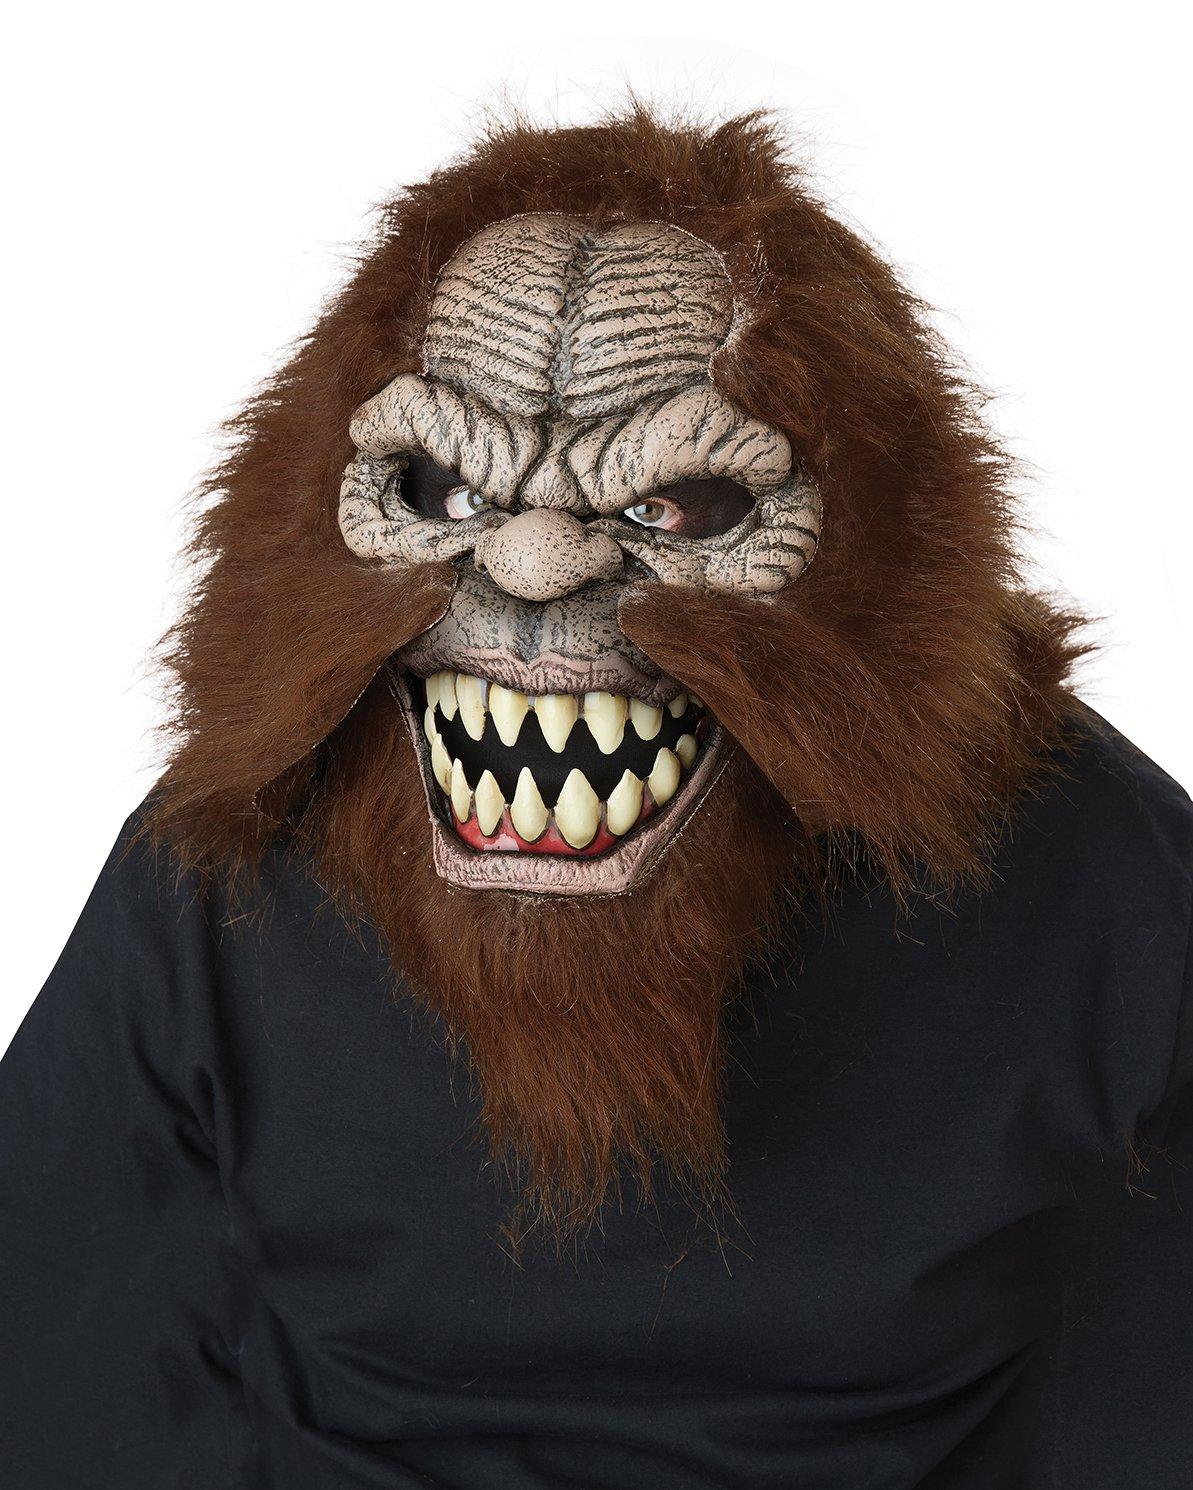 Standard Size: #60706 Bigfoot Sasquatch Adult Costume Ani-Motion Mask